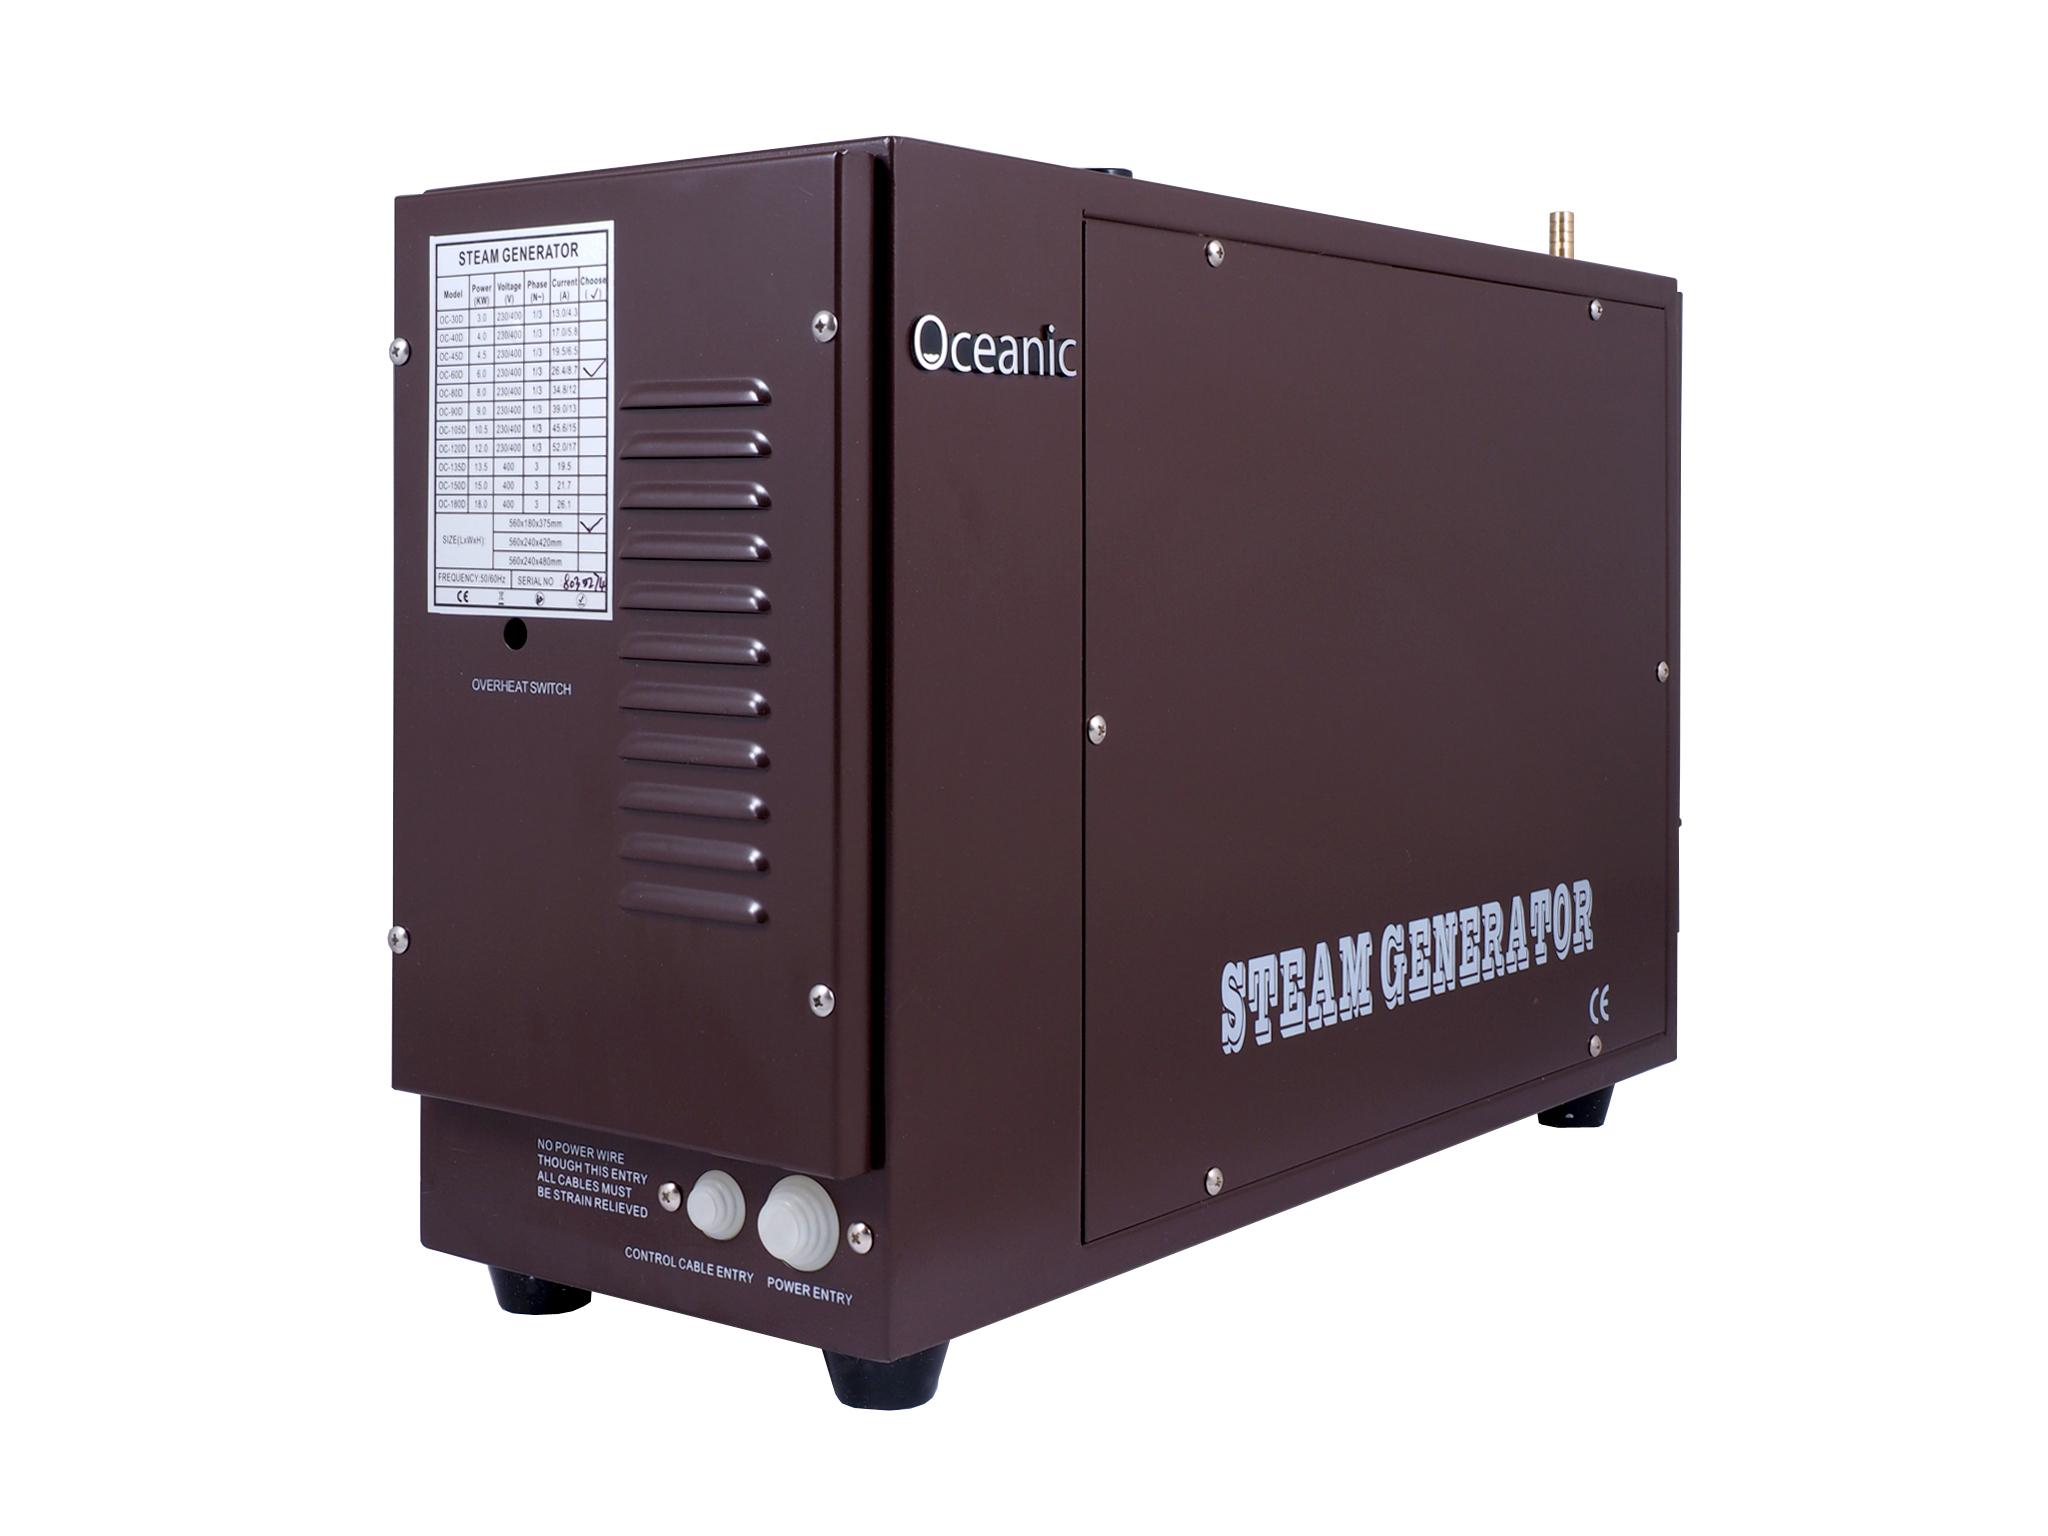 Générateur de vapeur commercial intensif OCD Oceanic